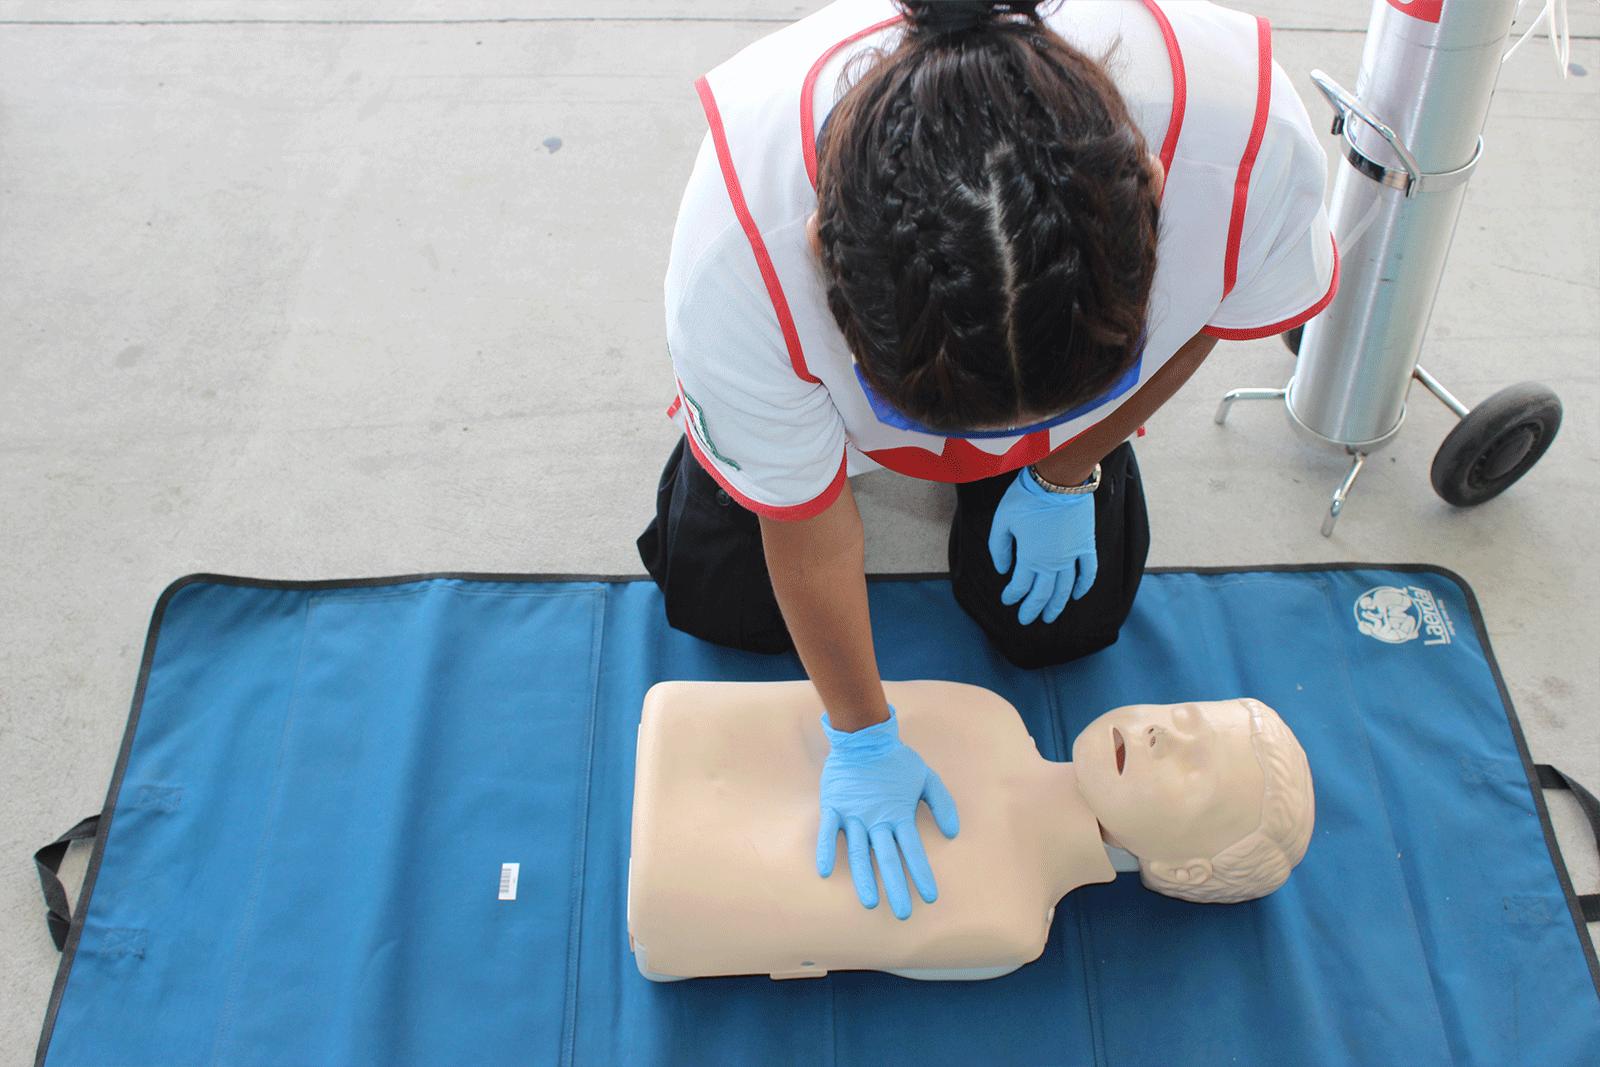 Evaluación Pediátrica Avanzada de Emergencia, Reconocimiento y Estabilización